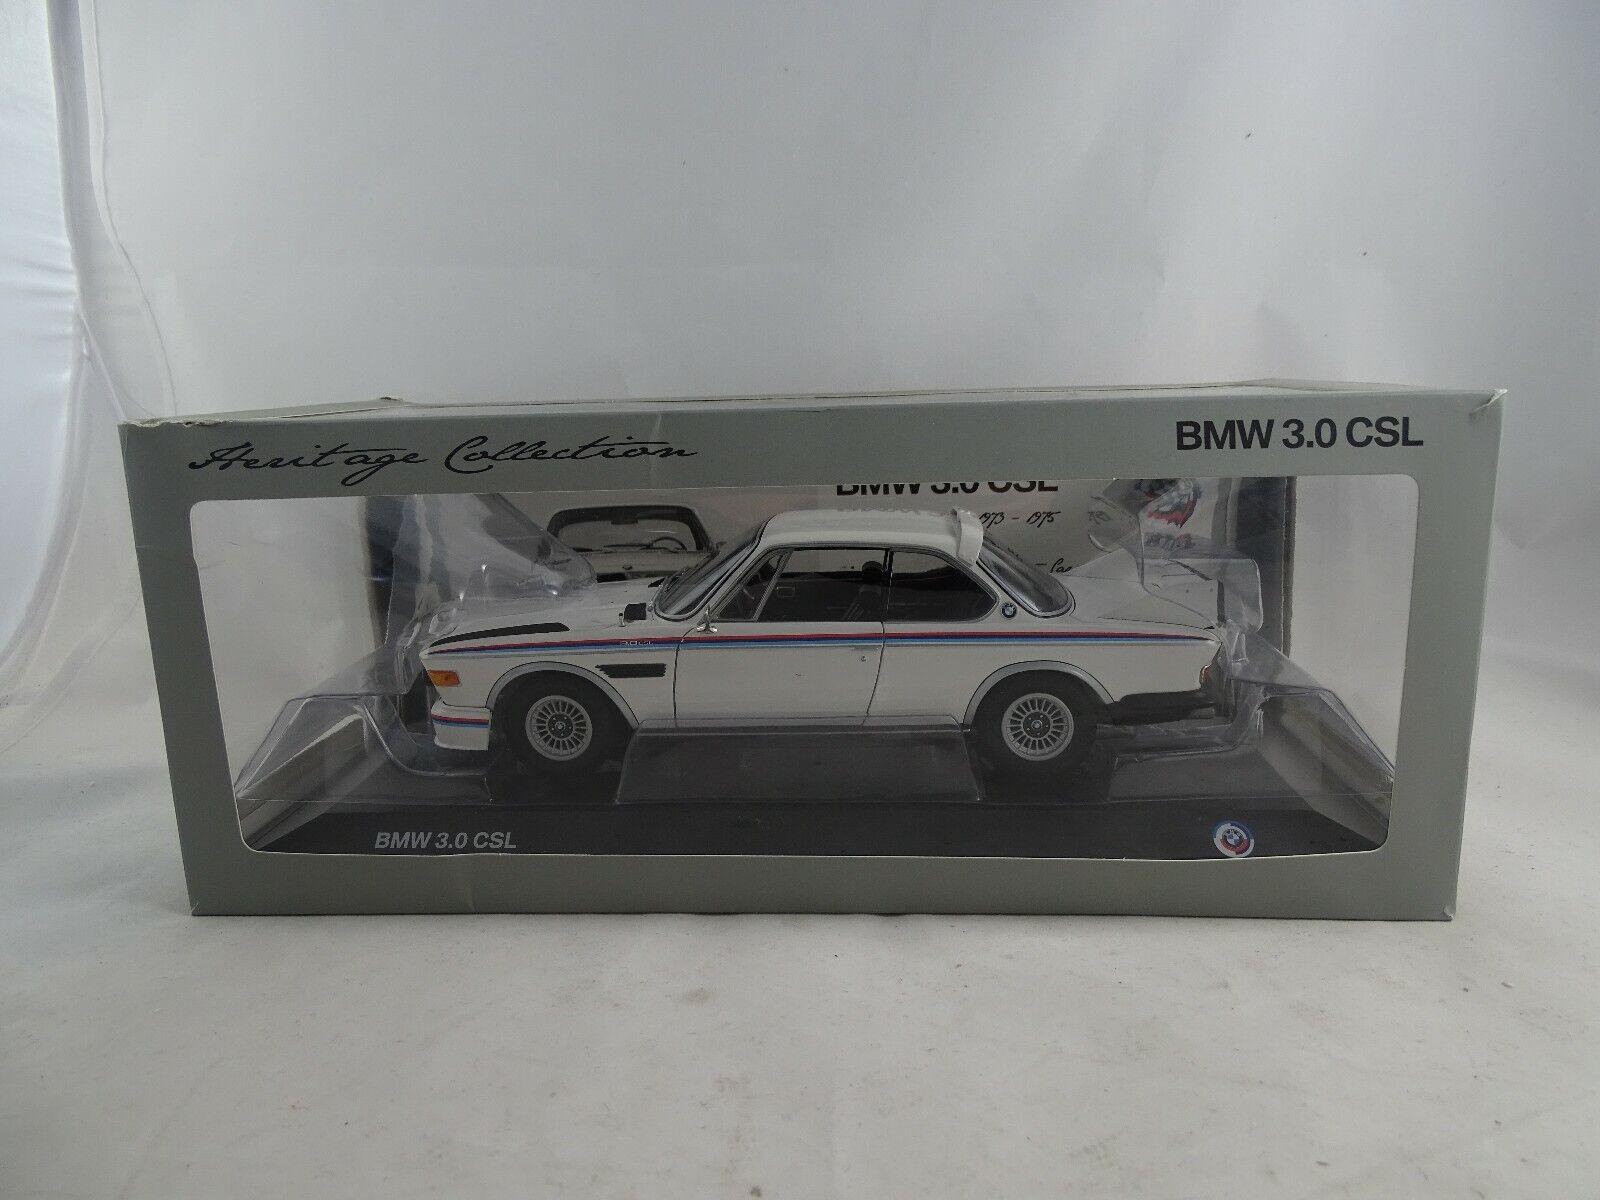 1 18 Dealers modèle 80432411550 1971 BMW 3.0 CSL Heritage Blanc Nouveau Neuf dans sa boîte